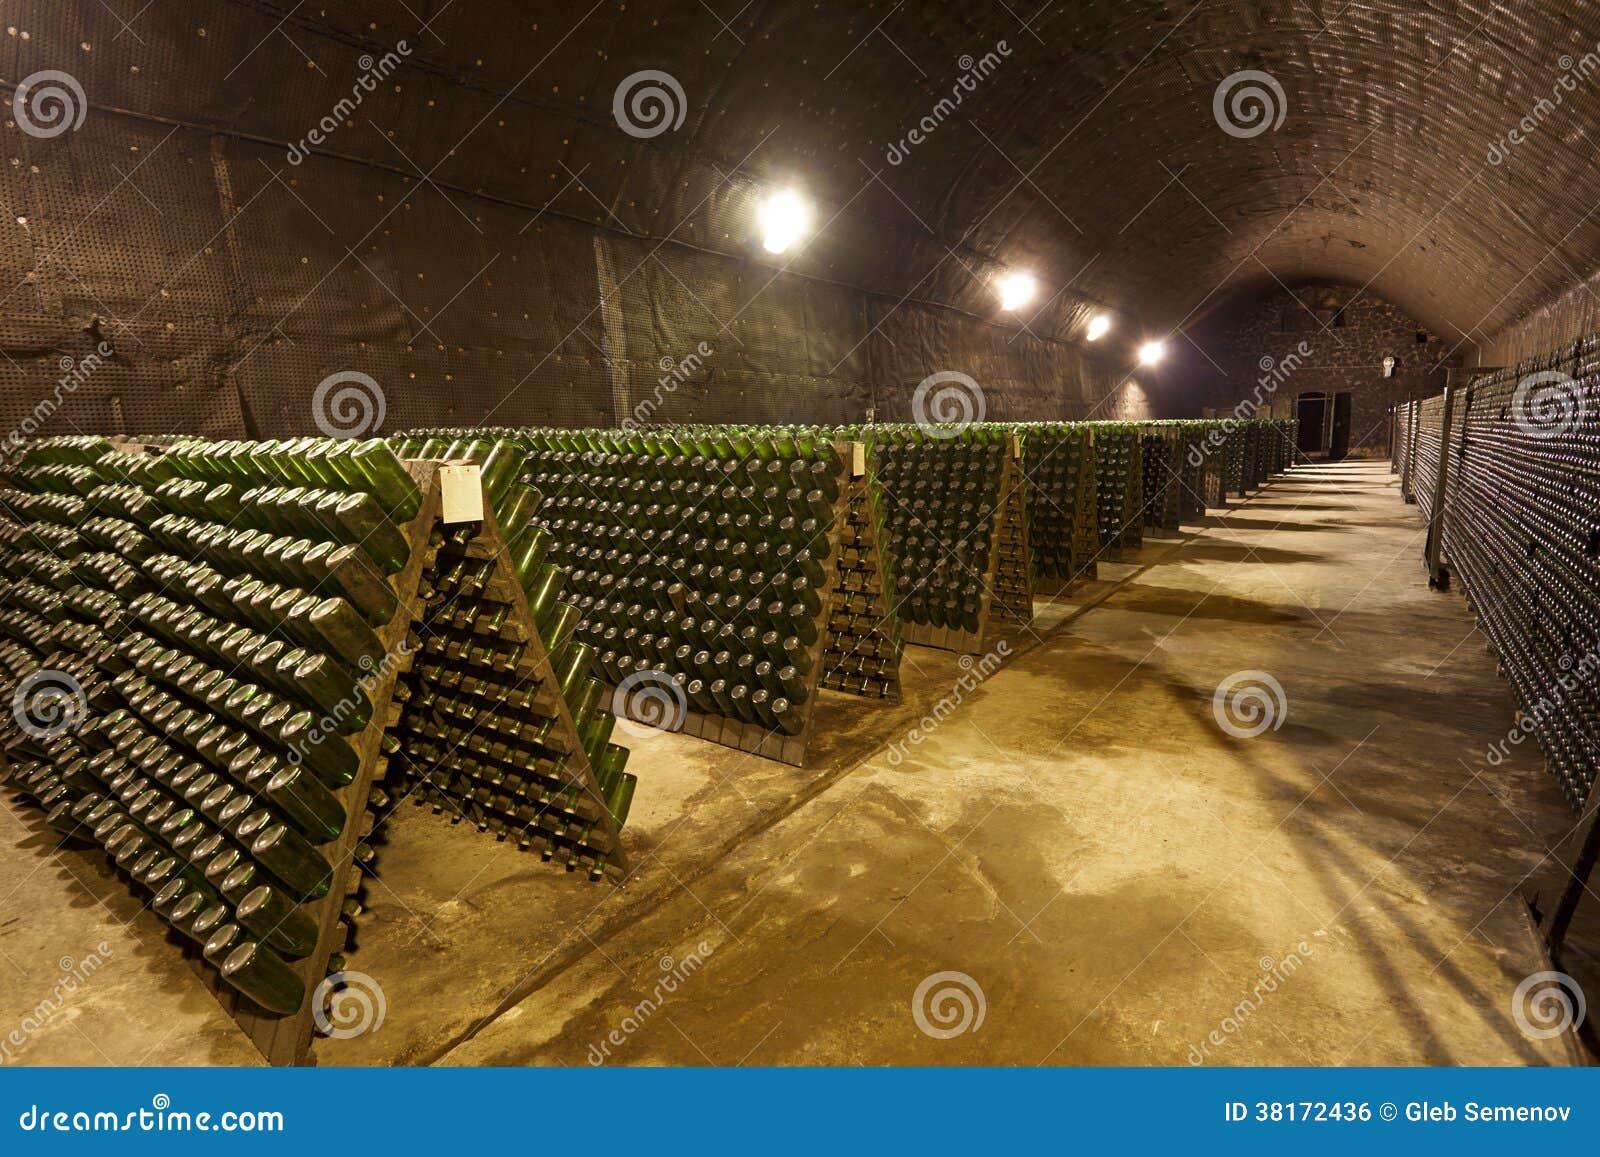 adegas de vinhos : Adega De Vinho Para A Produ??o Industrial Imagem de Stock Royalty ...